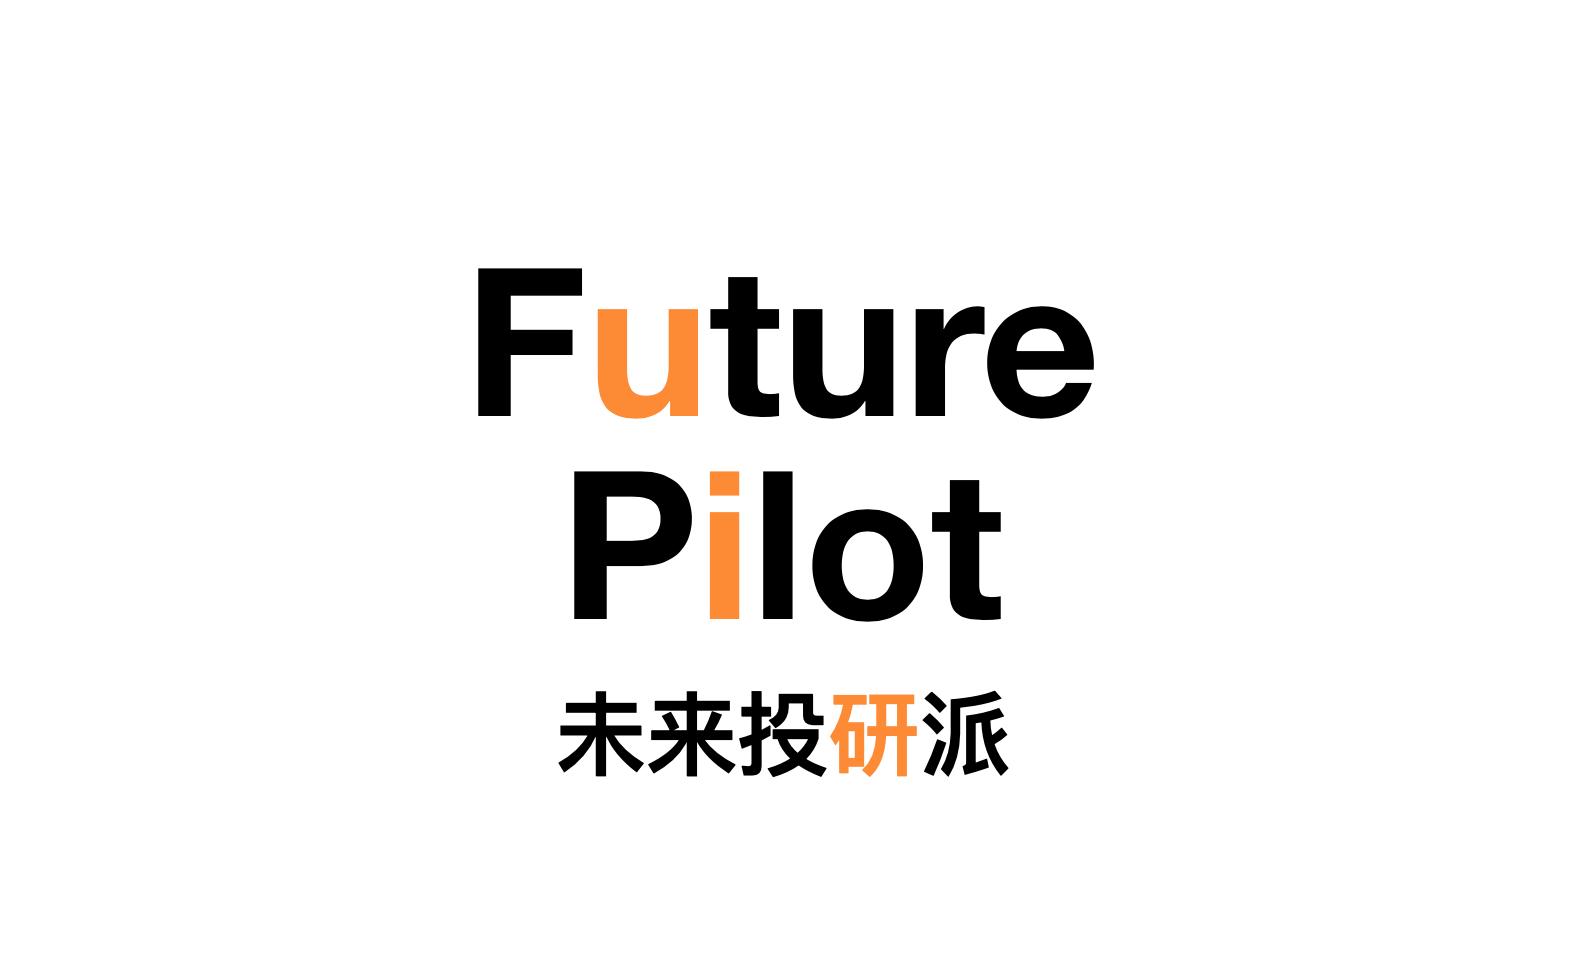 未来投研派